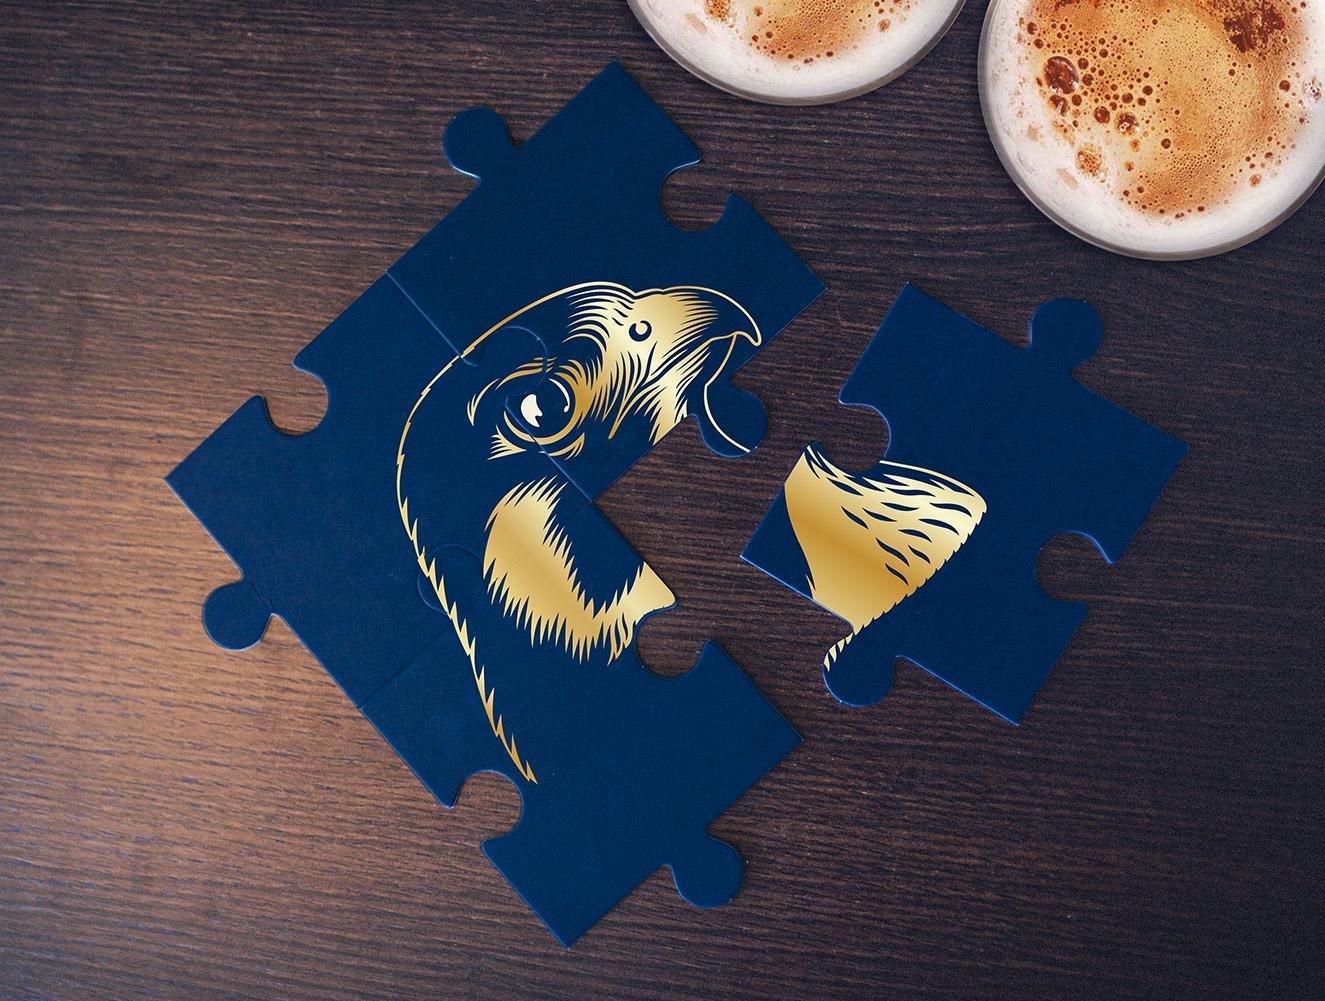 falcon_tillsammans_coasters_1_2.jpg